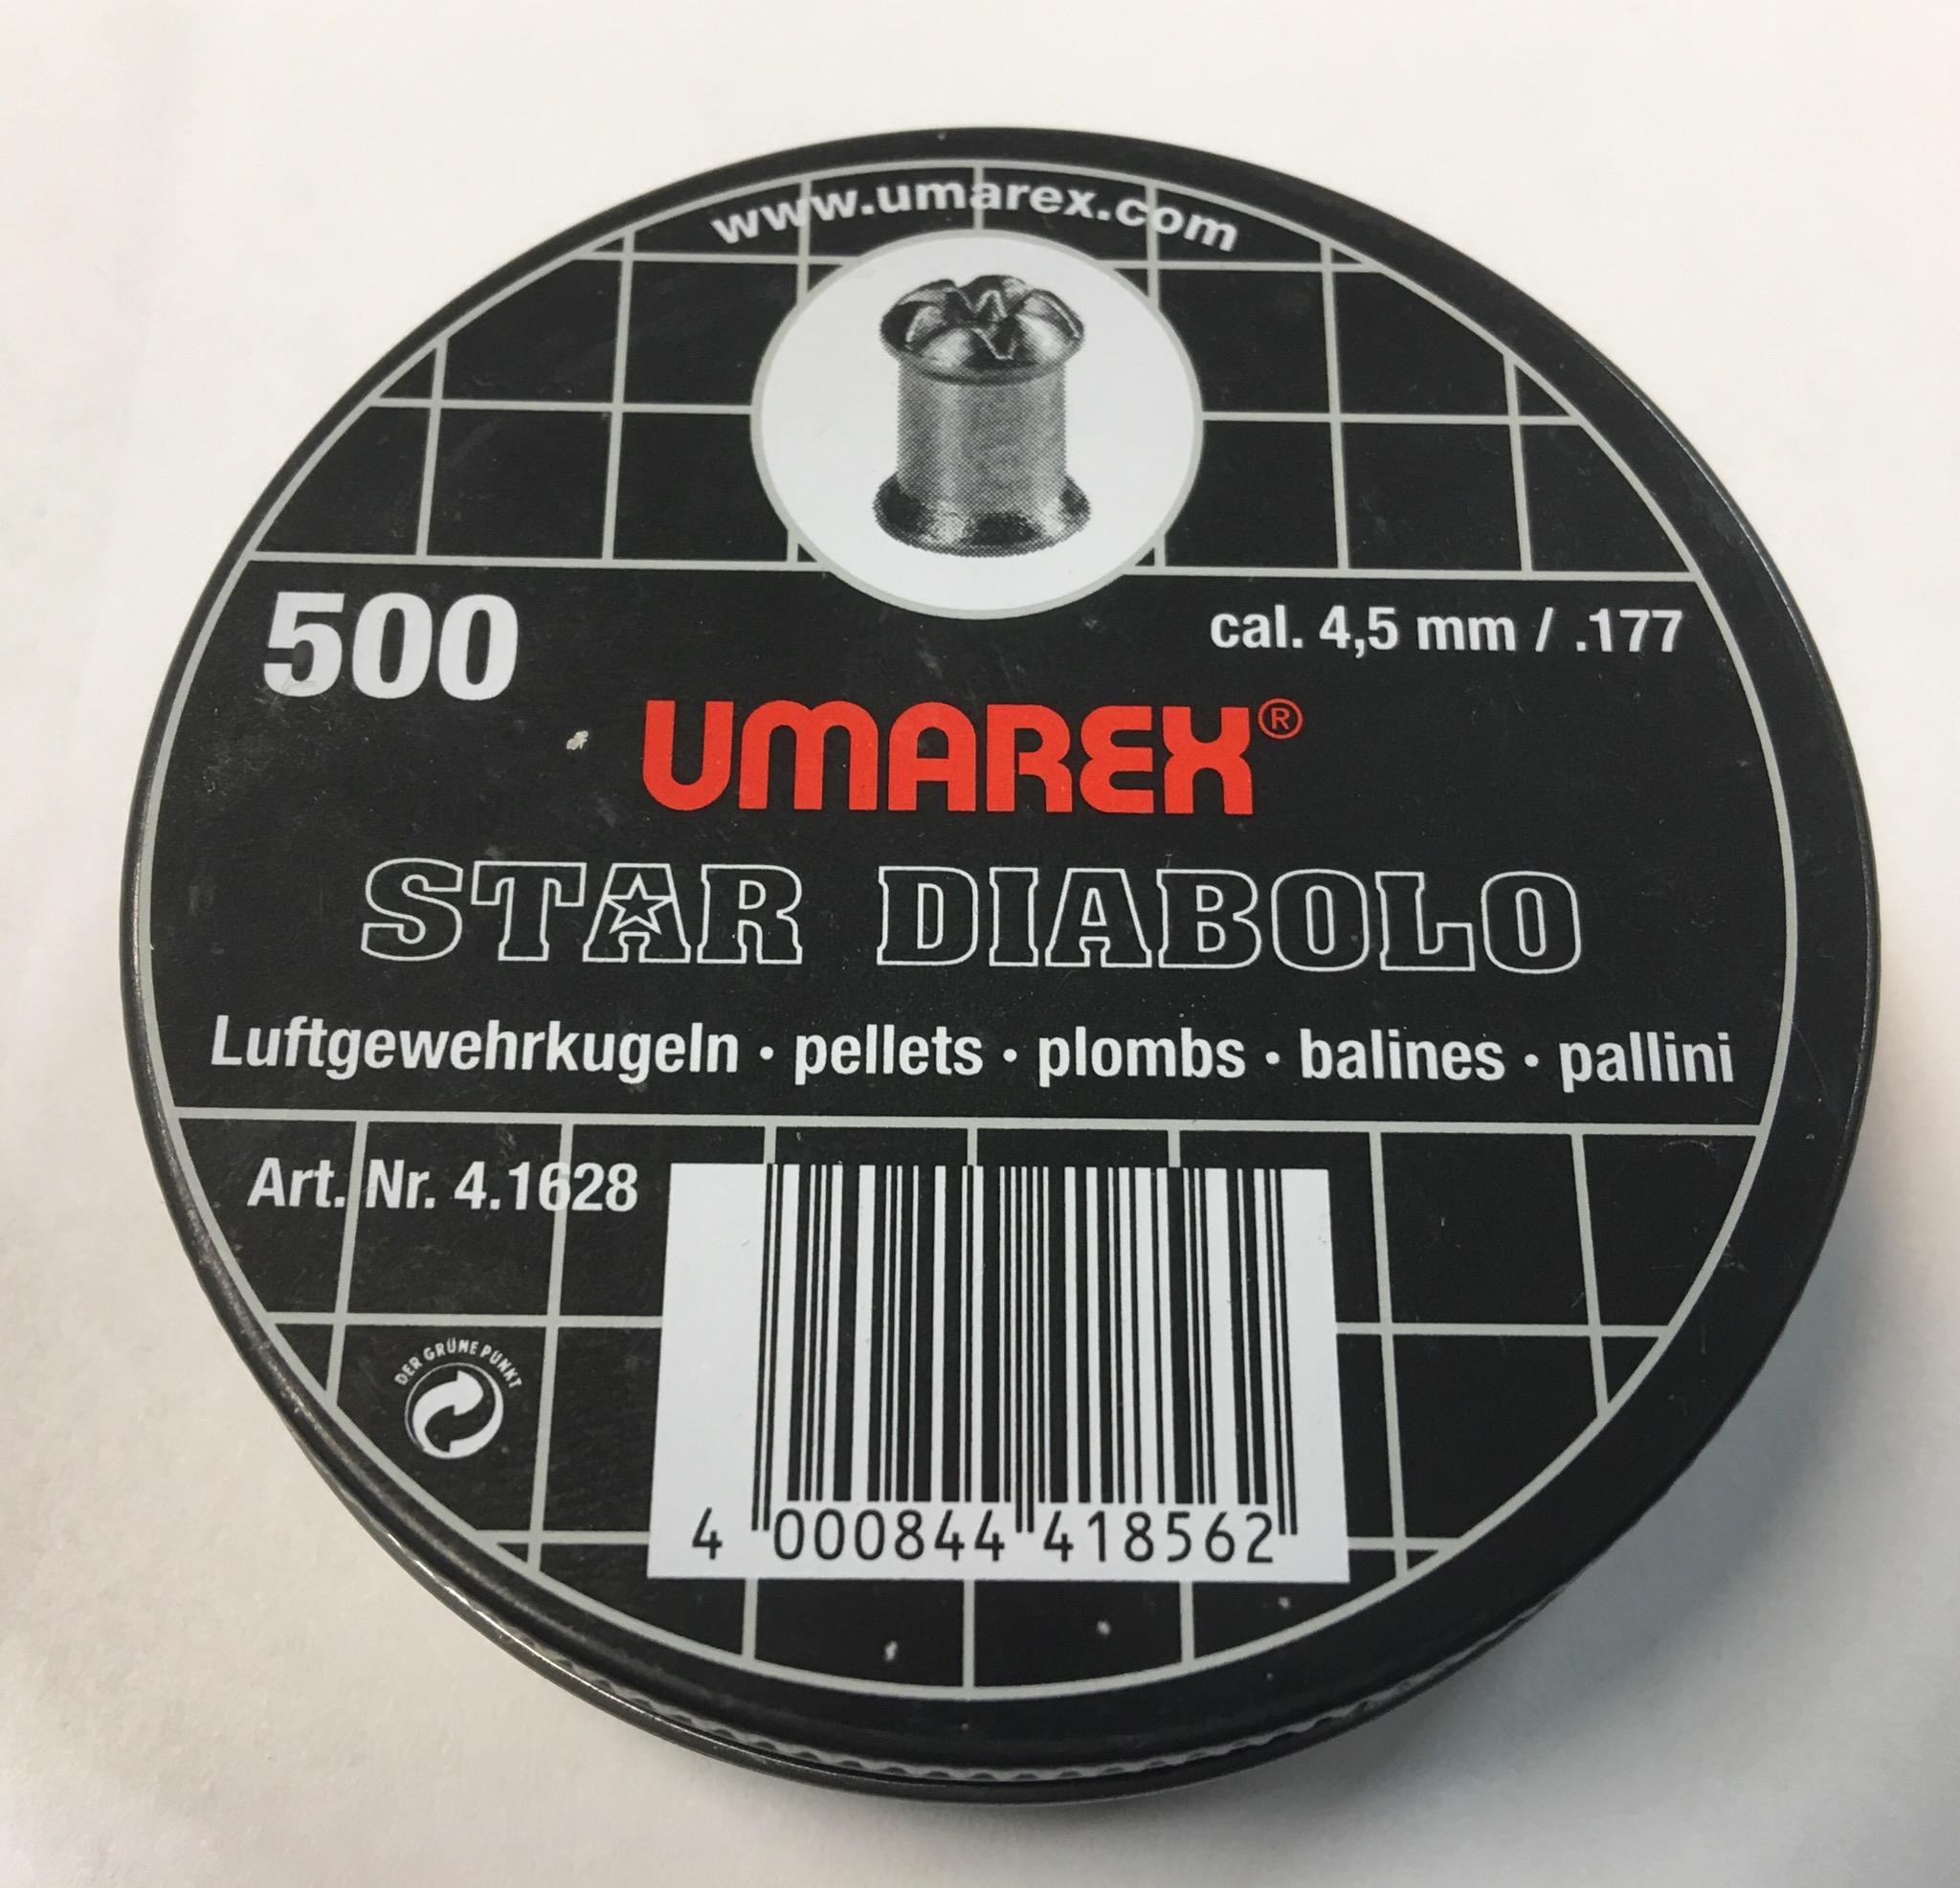 Star Diabolo von Umarex, 500er Dode, Kaliber 4,5mm